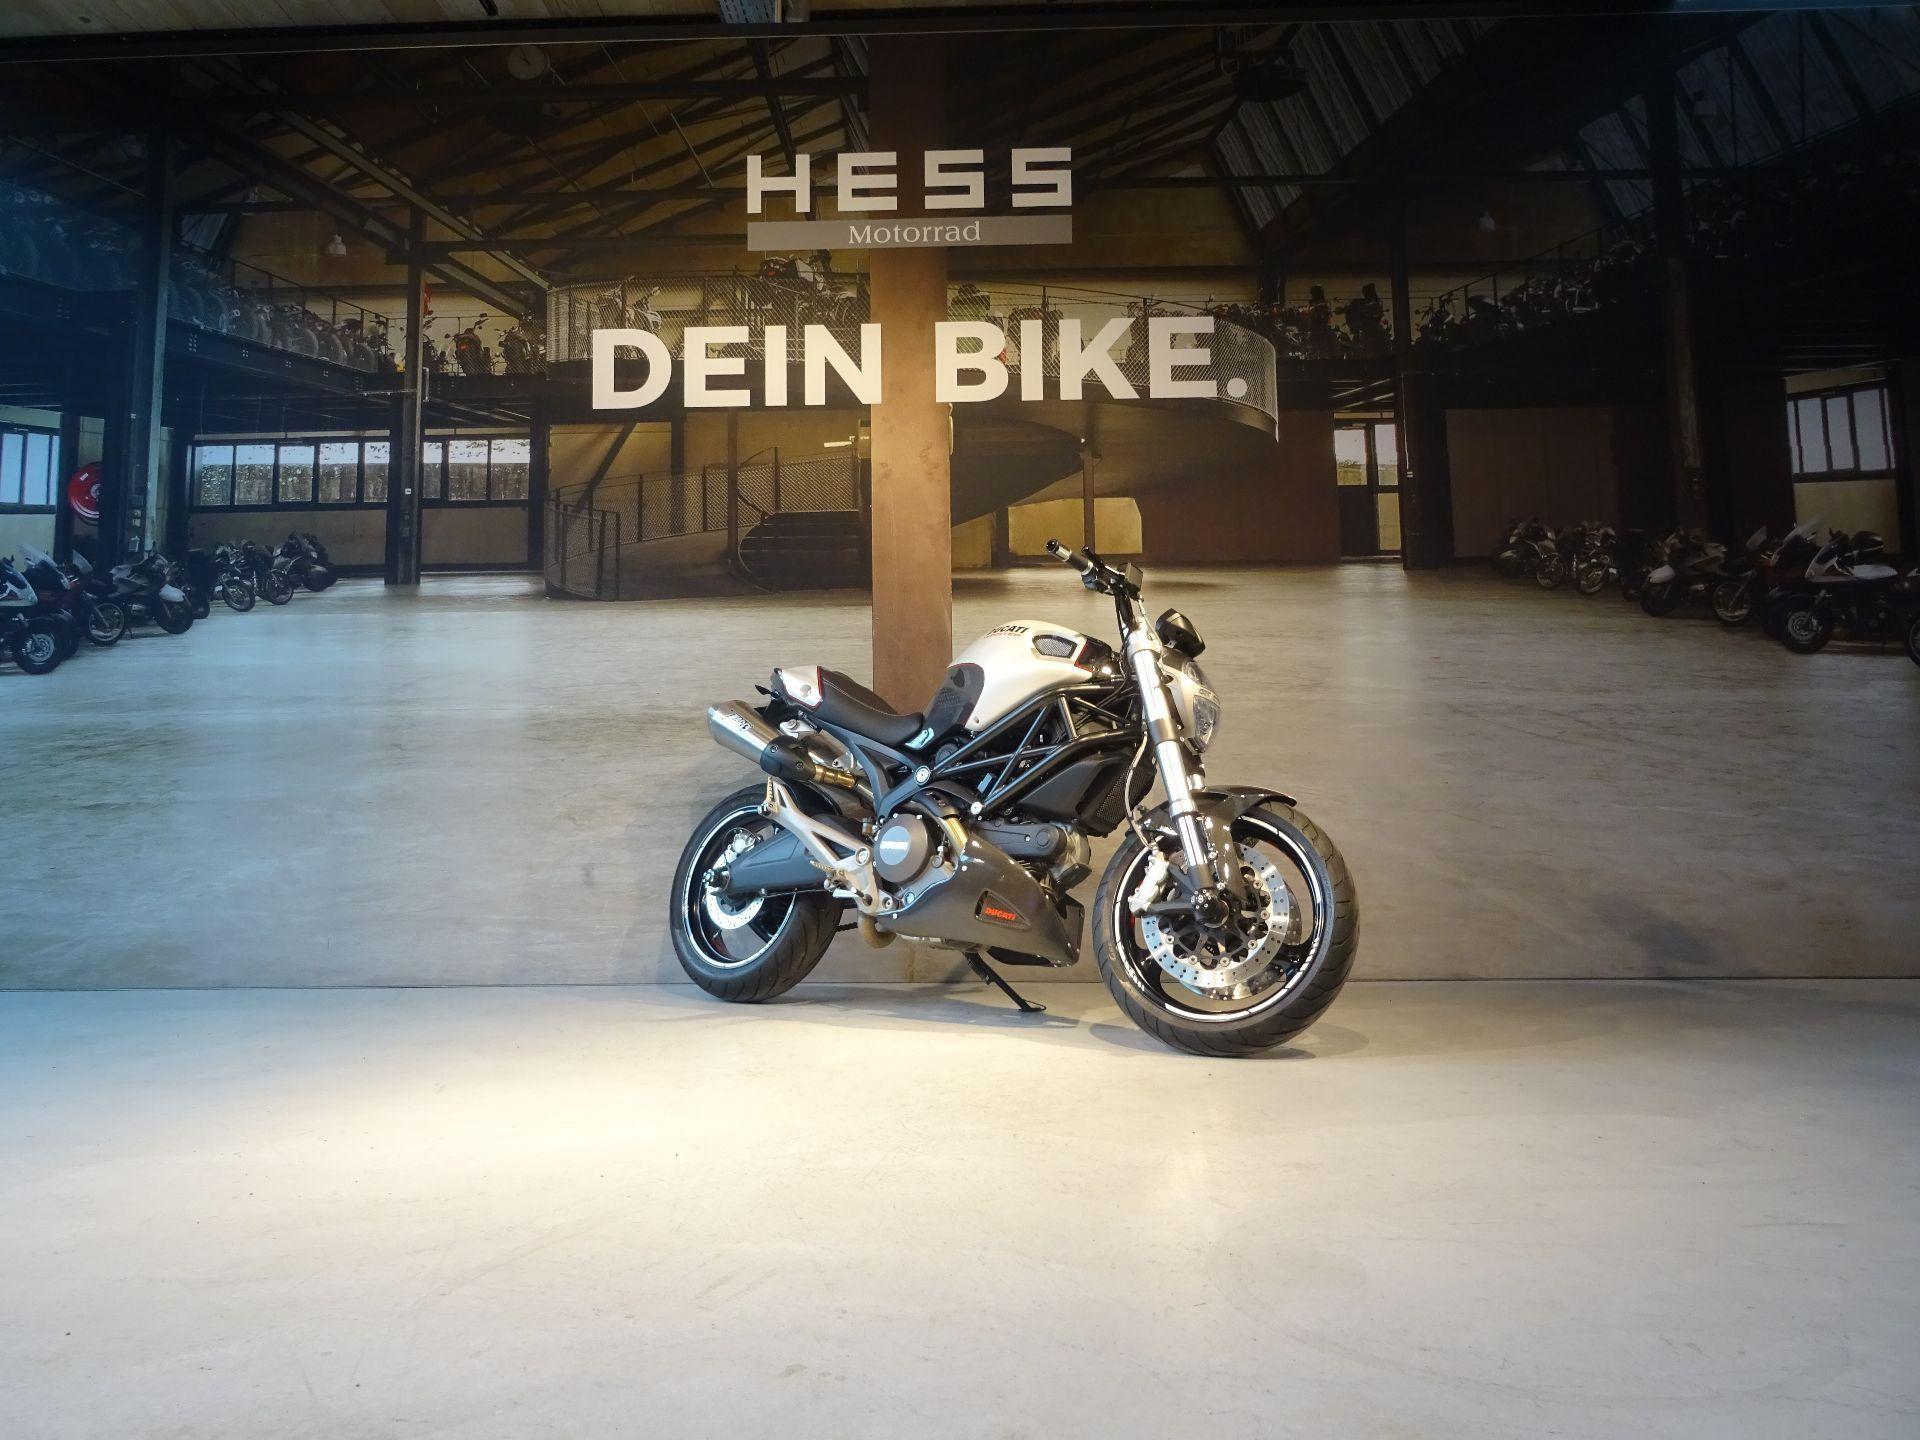 motorrad occasion kaufen ducati 696 monster abs hess motorrad stettlen. Black Bedroom Furniture Sets. Home Design Ideas